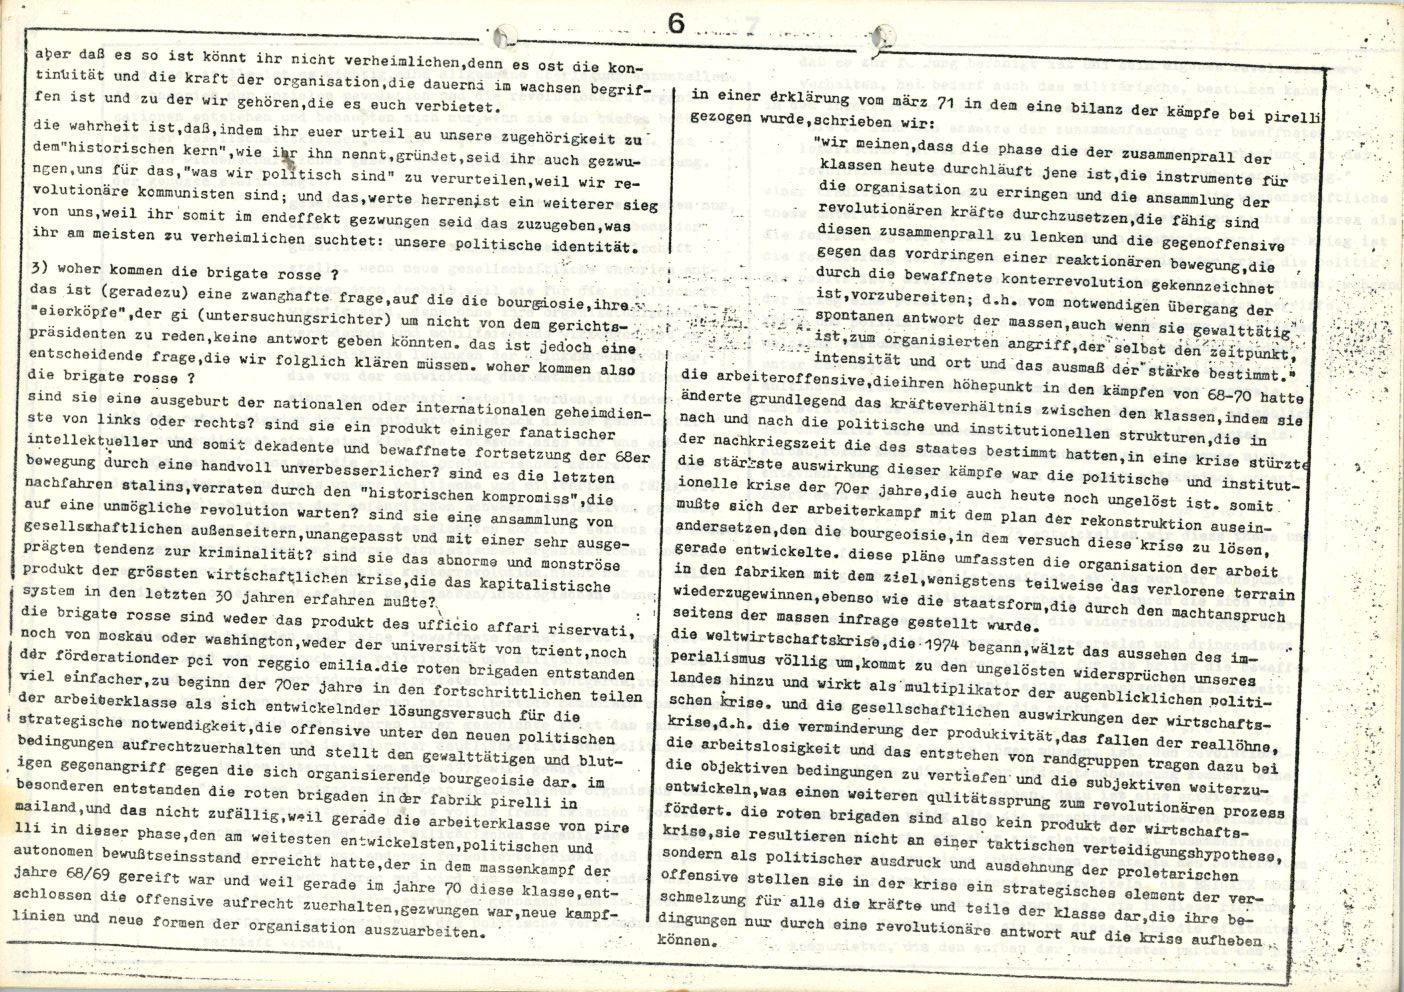 Italien_Brigate_Rosse_1982_Texte_1_21